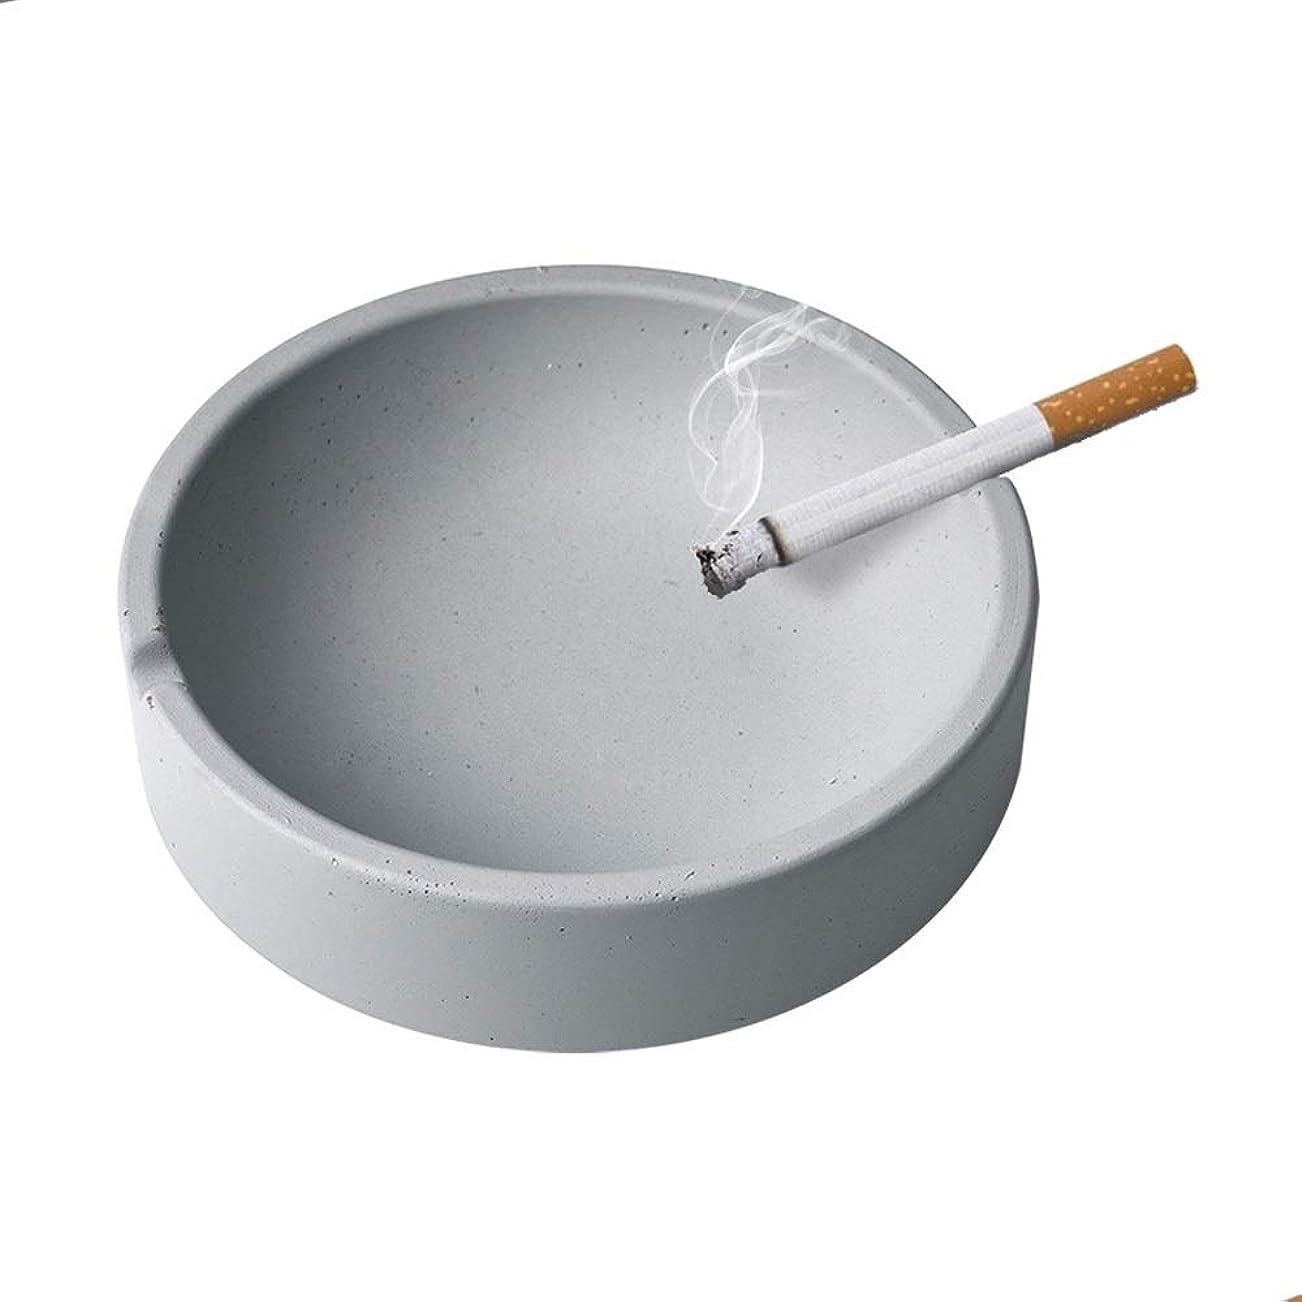 スイッチくるみお酒屋内または屋外での使用のためのタバコの灰皿、喫煙者のための灰ホルダー、ホームオフィスの装飾のためのデスクトップの喫煙灰皿